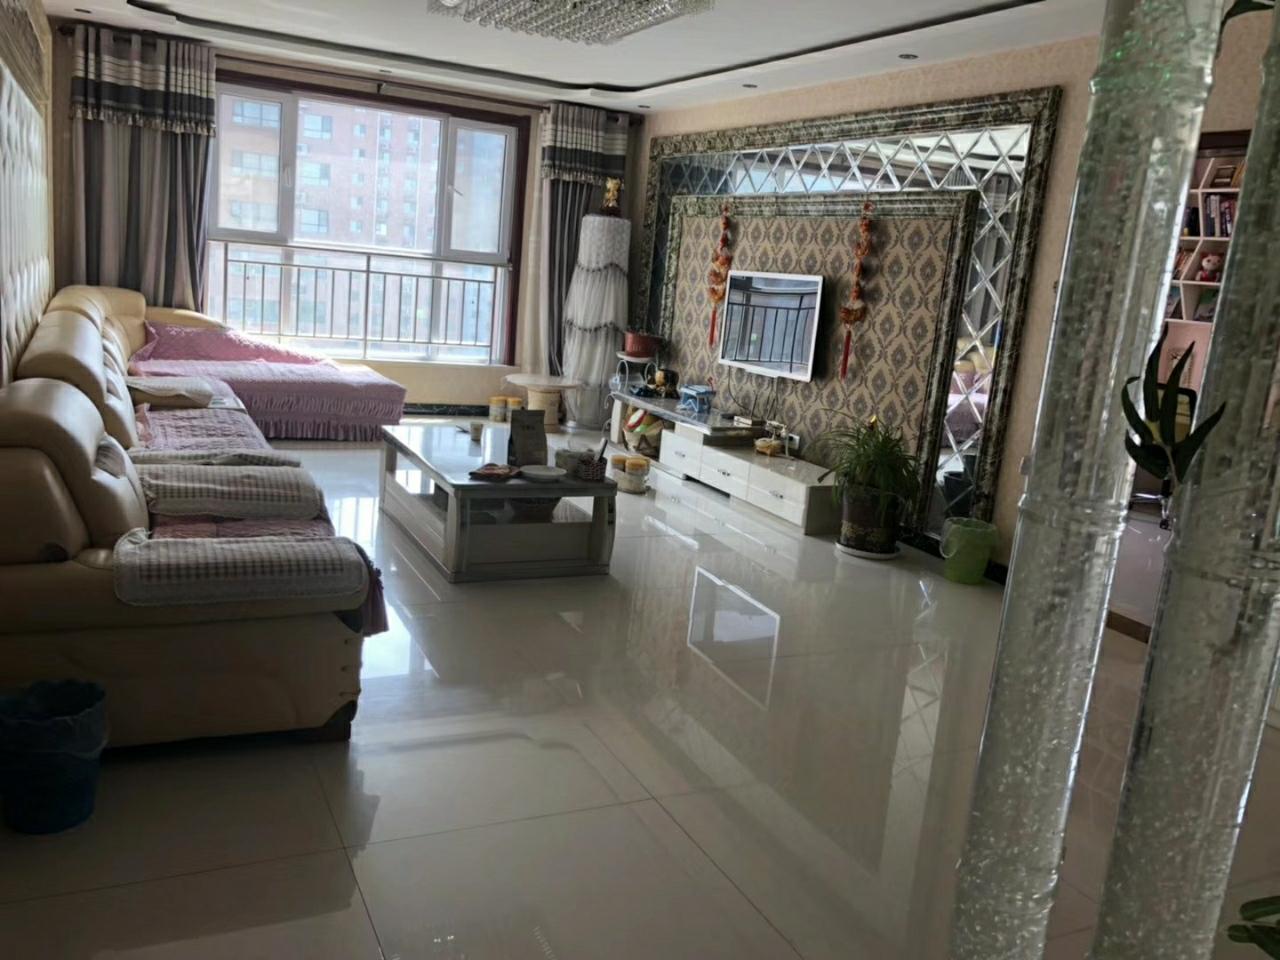 御花苑楼王3室2厅2卫115万元带车位小房